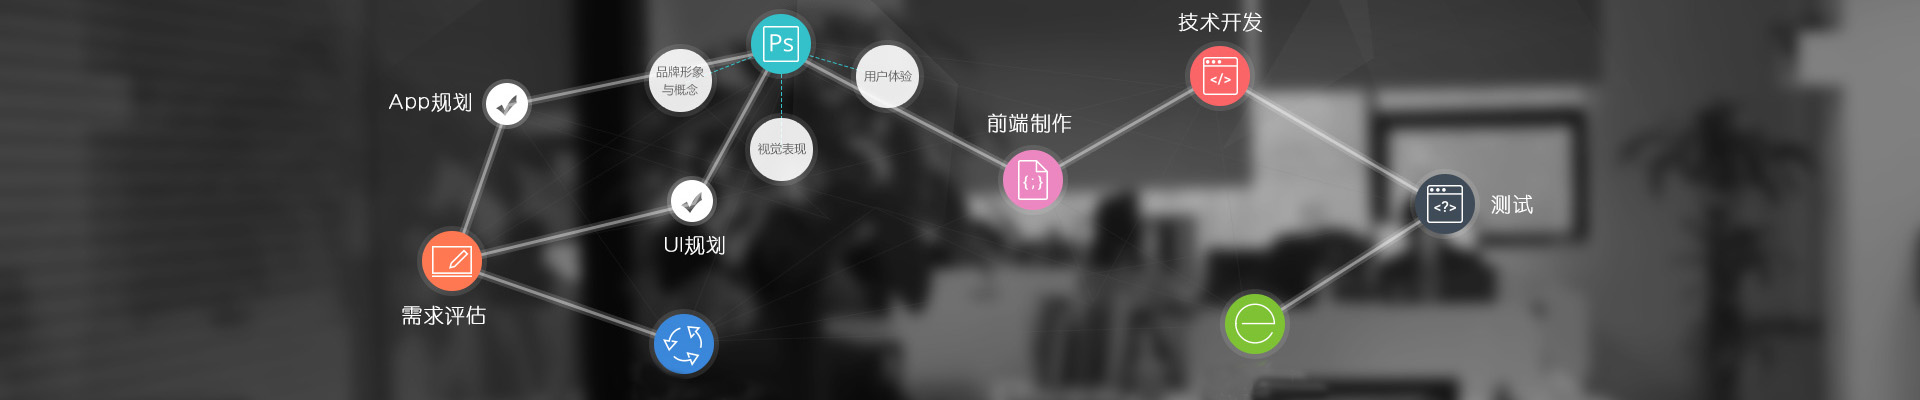 石家庄app开发预算